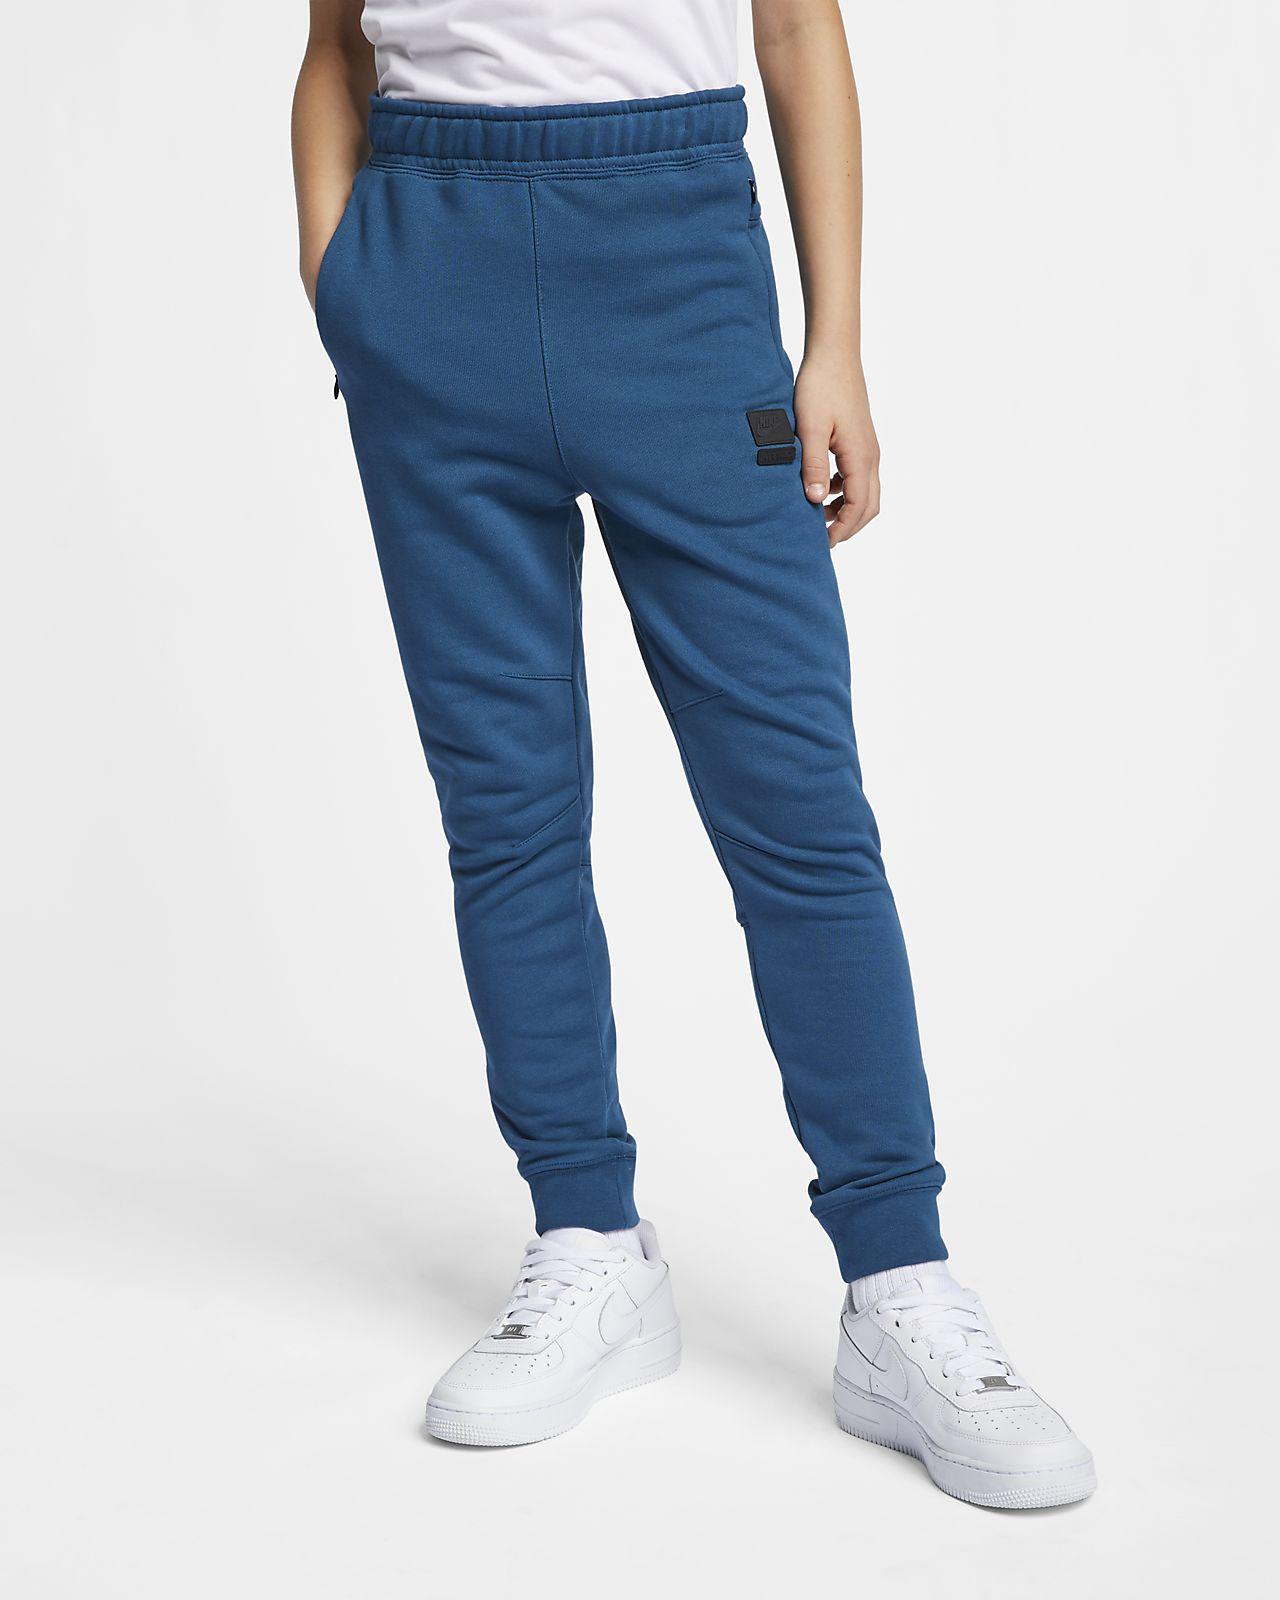 Spodnie dla dużych dzieci (chłopców) Nike Sportswear